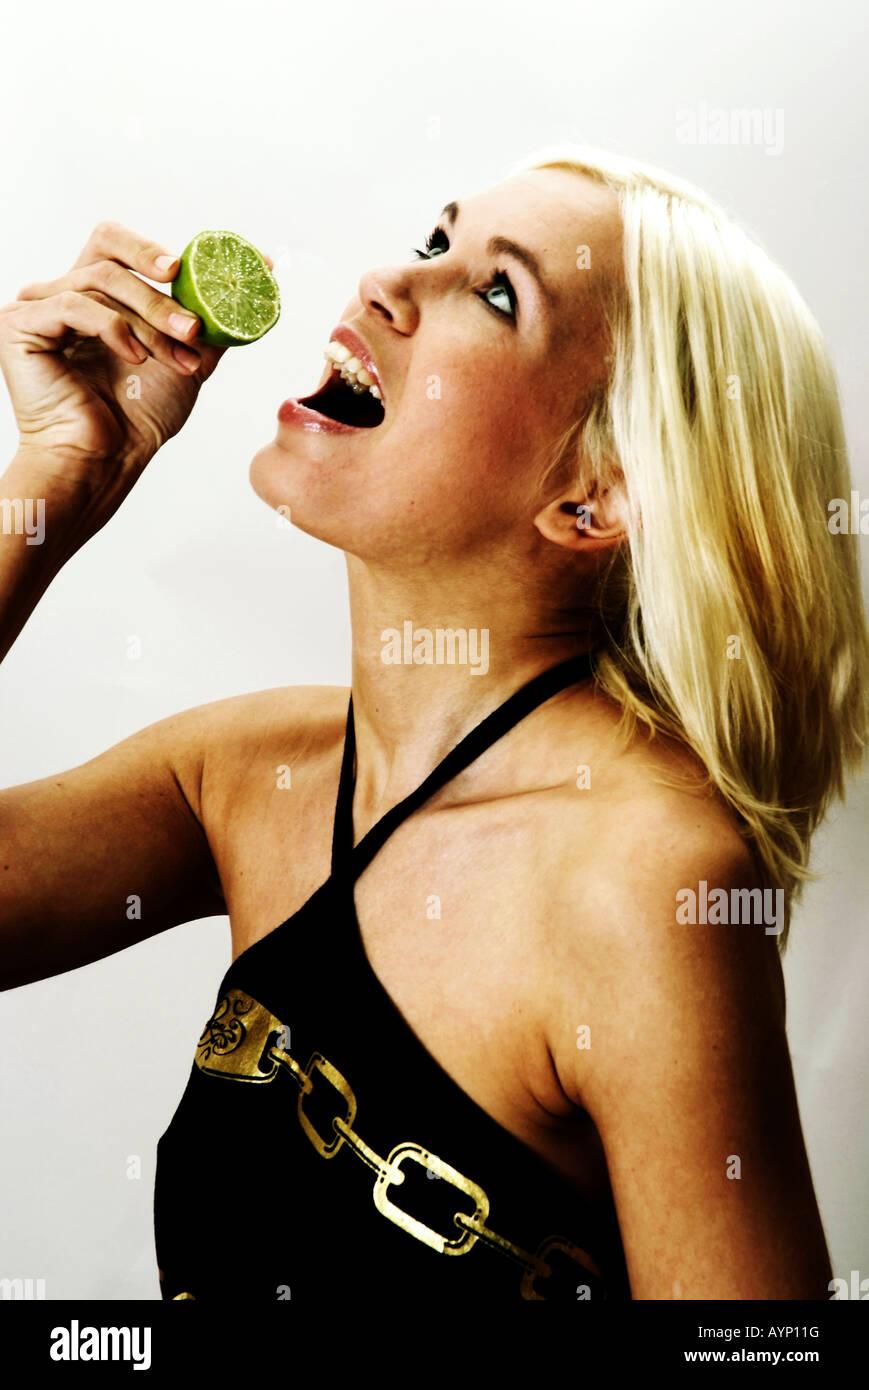 Blonde Woman with piece of Lemon | Blonde Frau mit einer halben Limone Stock Photo